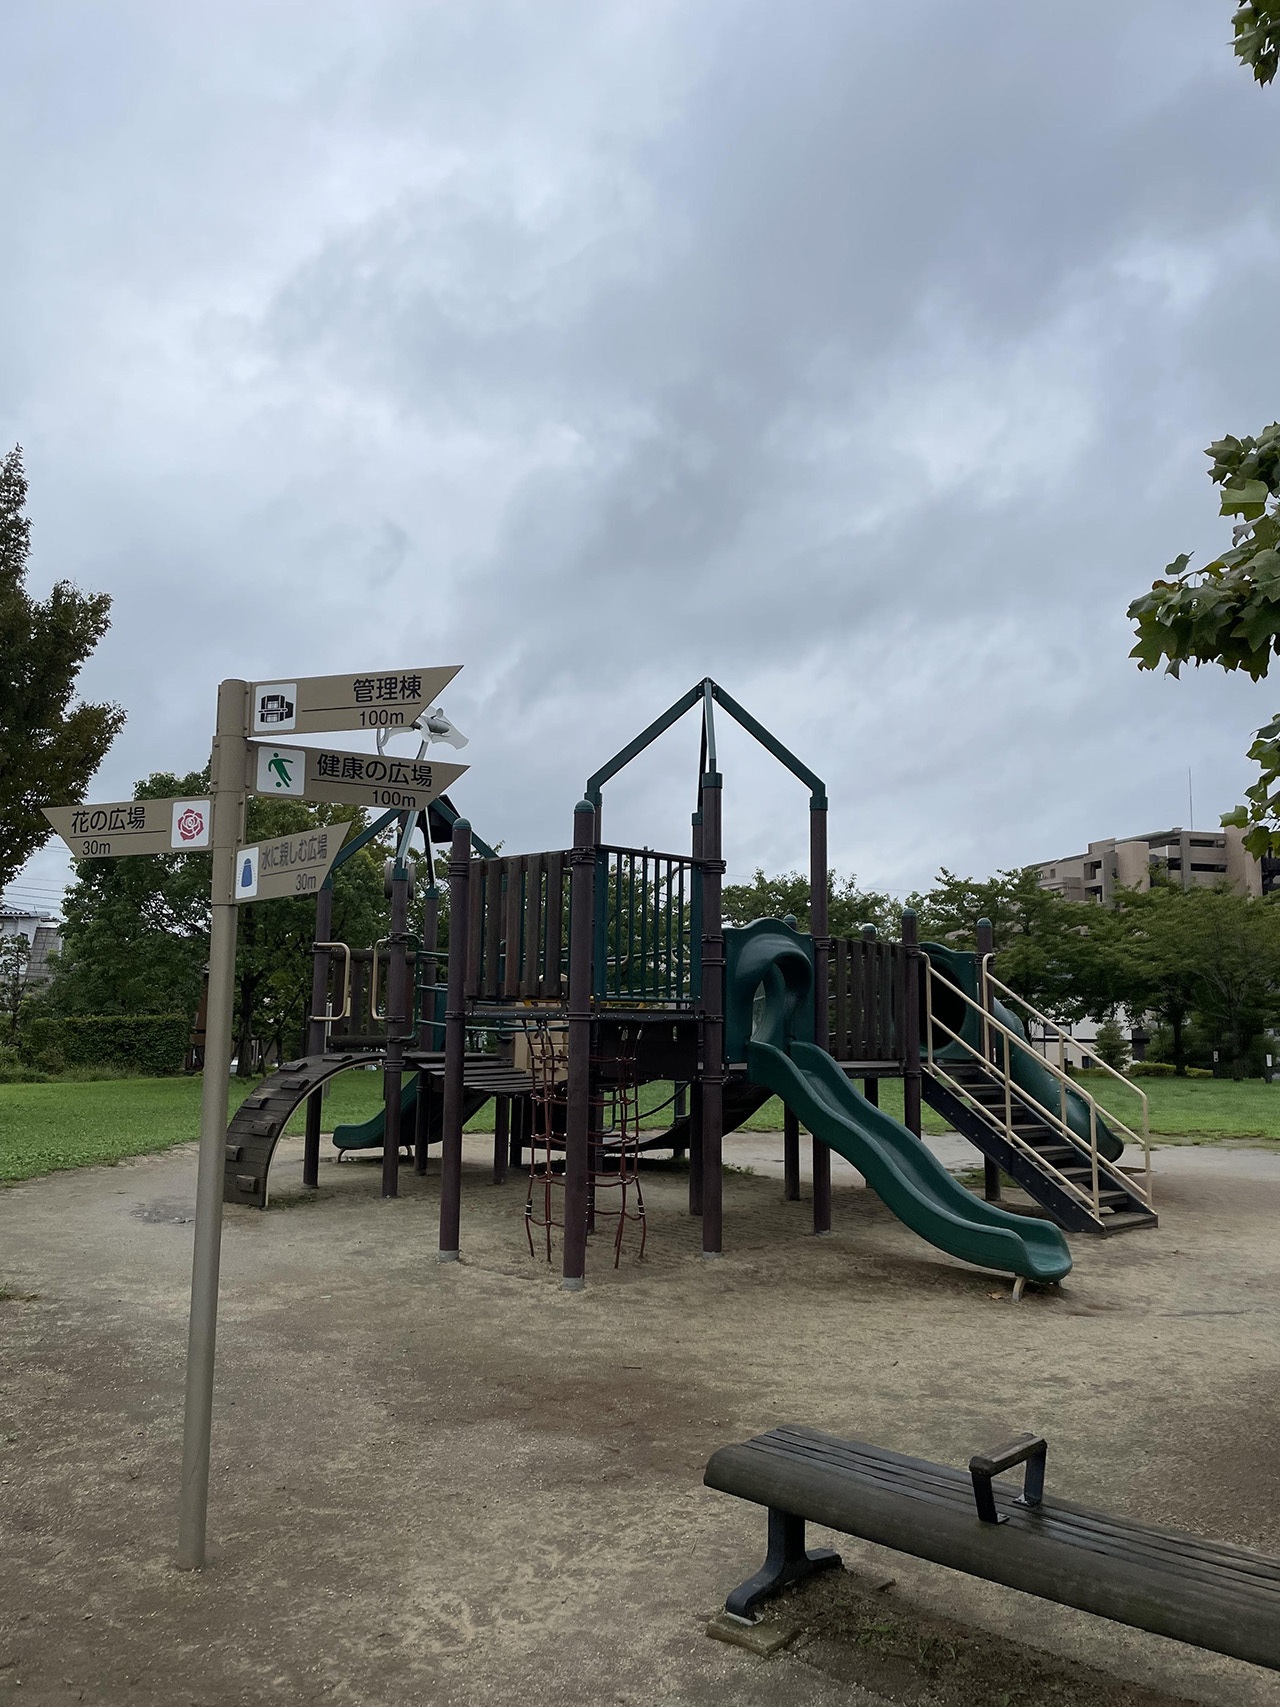 公園内の遊具の写真